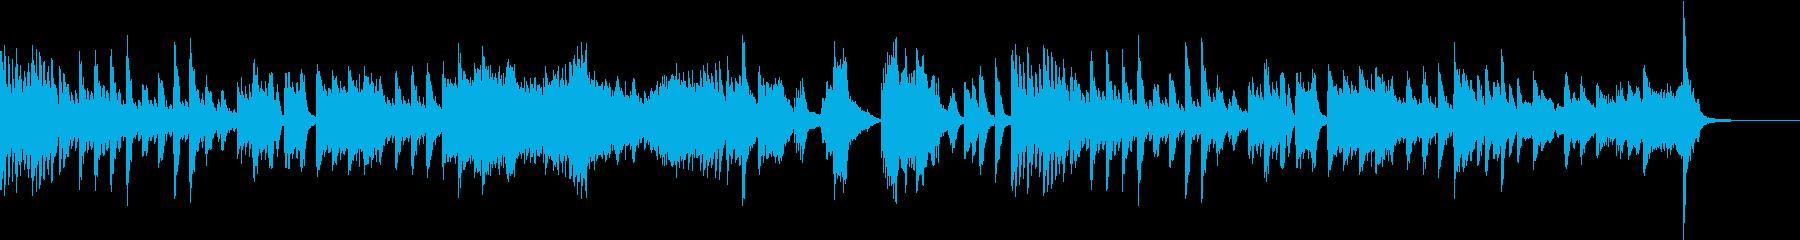 ツェルニー風ミステリアスなピアノソロの再生済みの波形